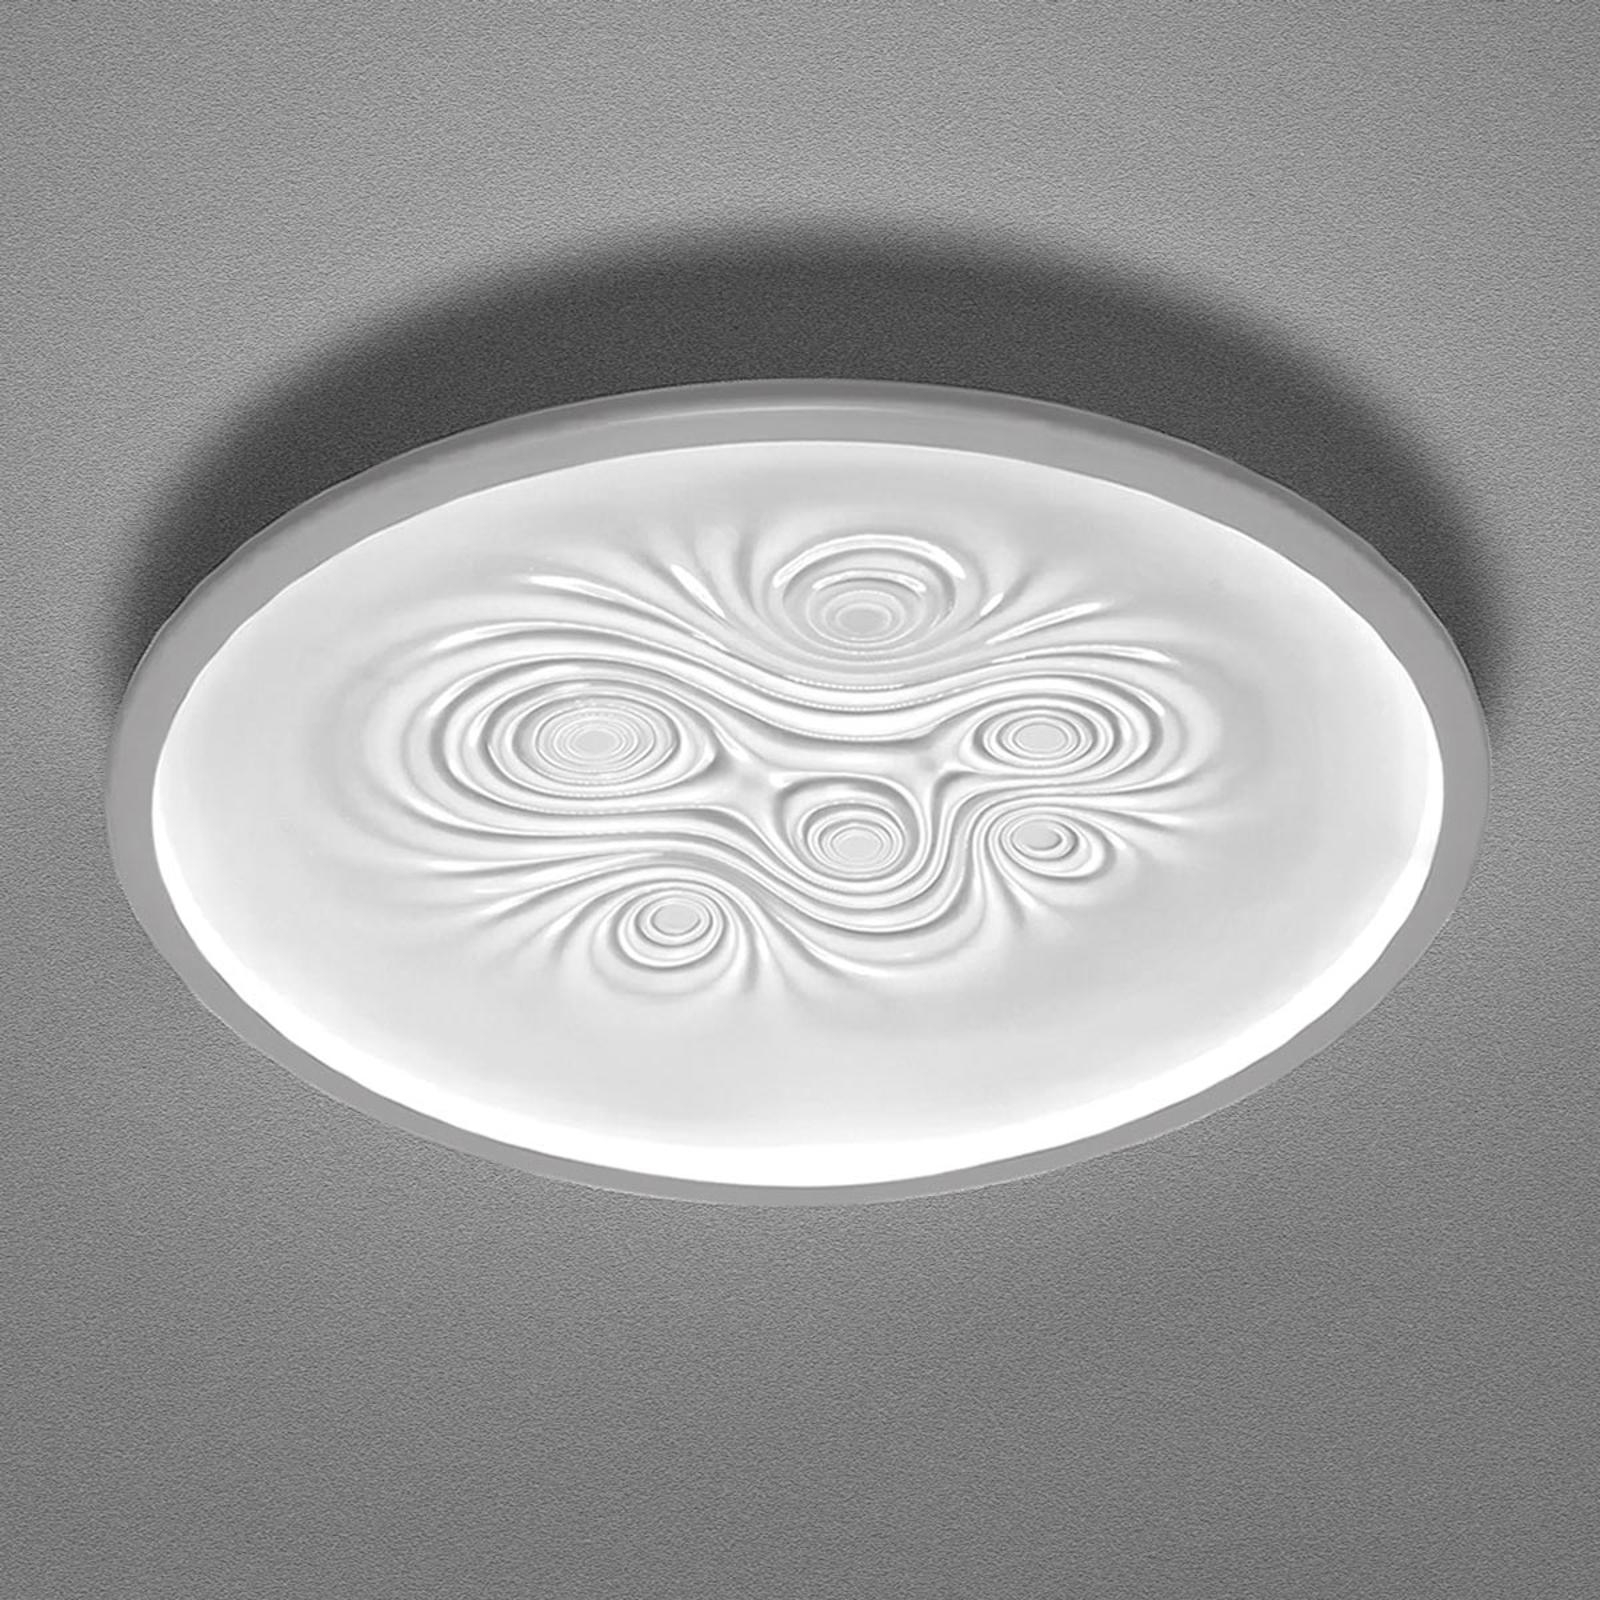 Effectieve LED wandlamp Nebula, wit